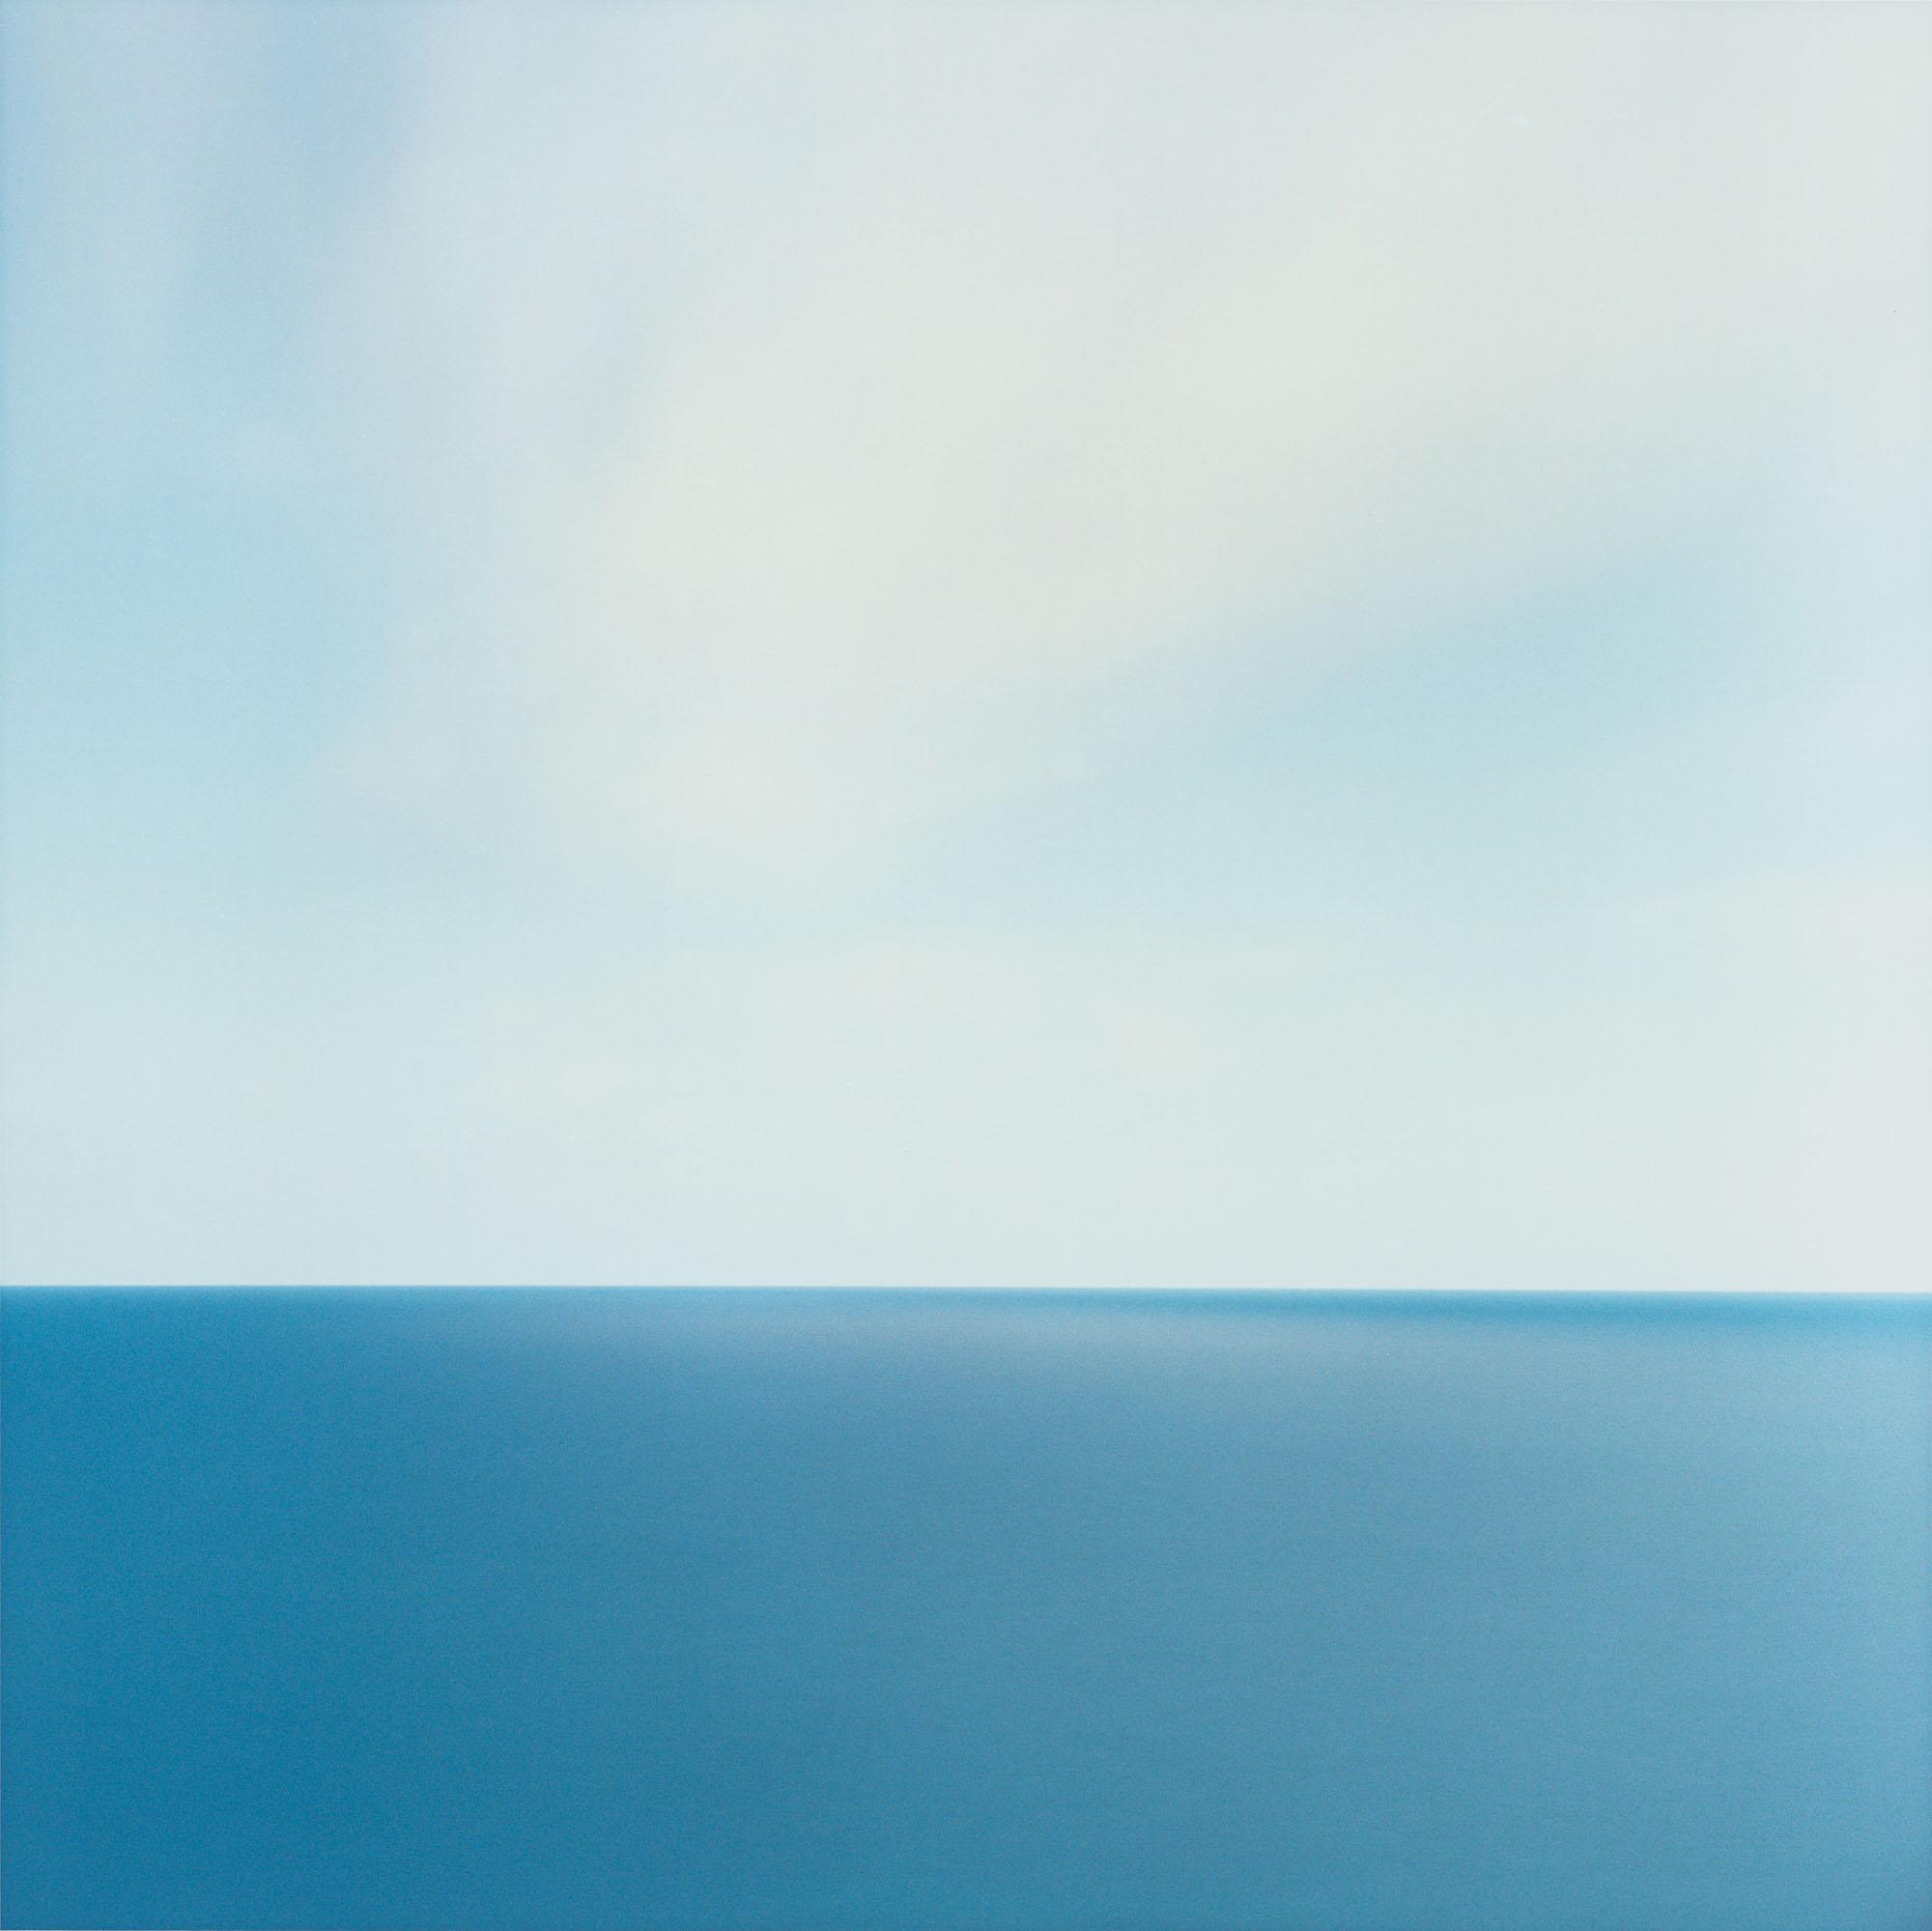 Balearen-Meer,Cala Murada, 0:41–0:56, 29.8.2015,  Otto Reitsperger